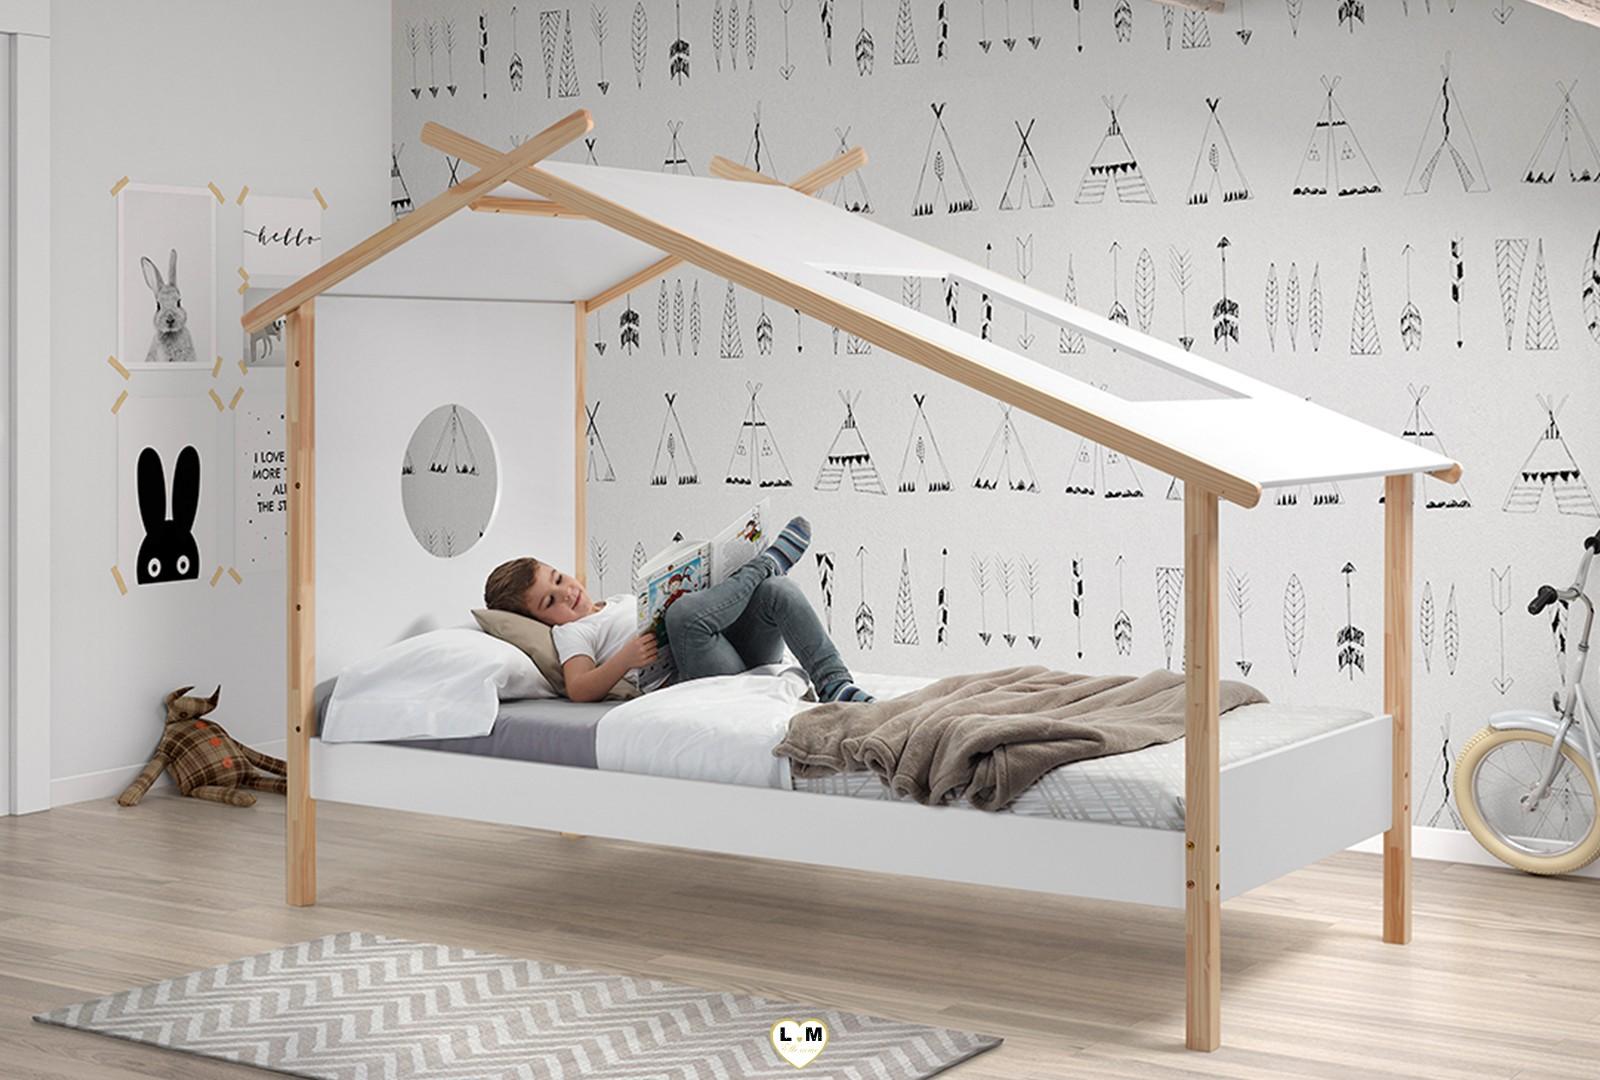 cabane lit enfant 1 place lignemeuble com. Black Bedroom Furniture Sets. Home Design Ideas